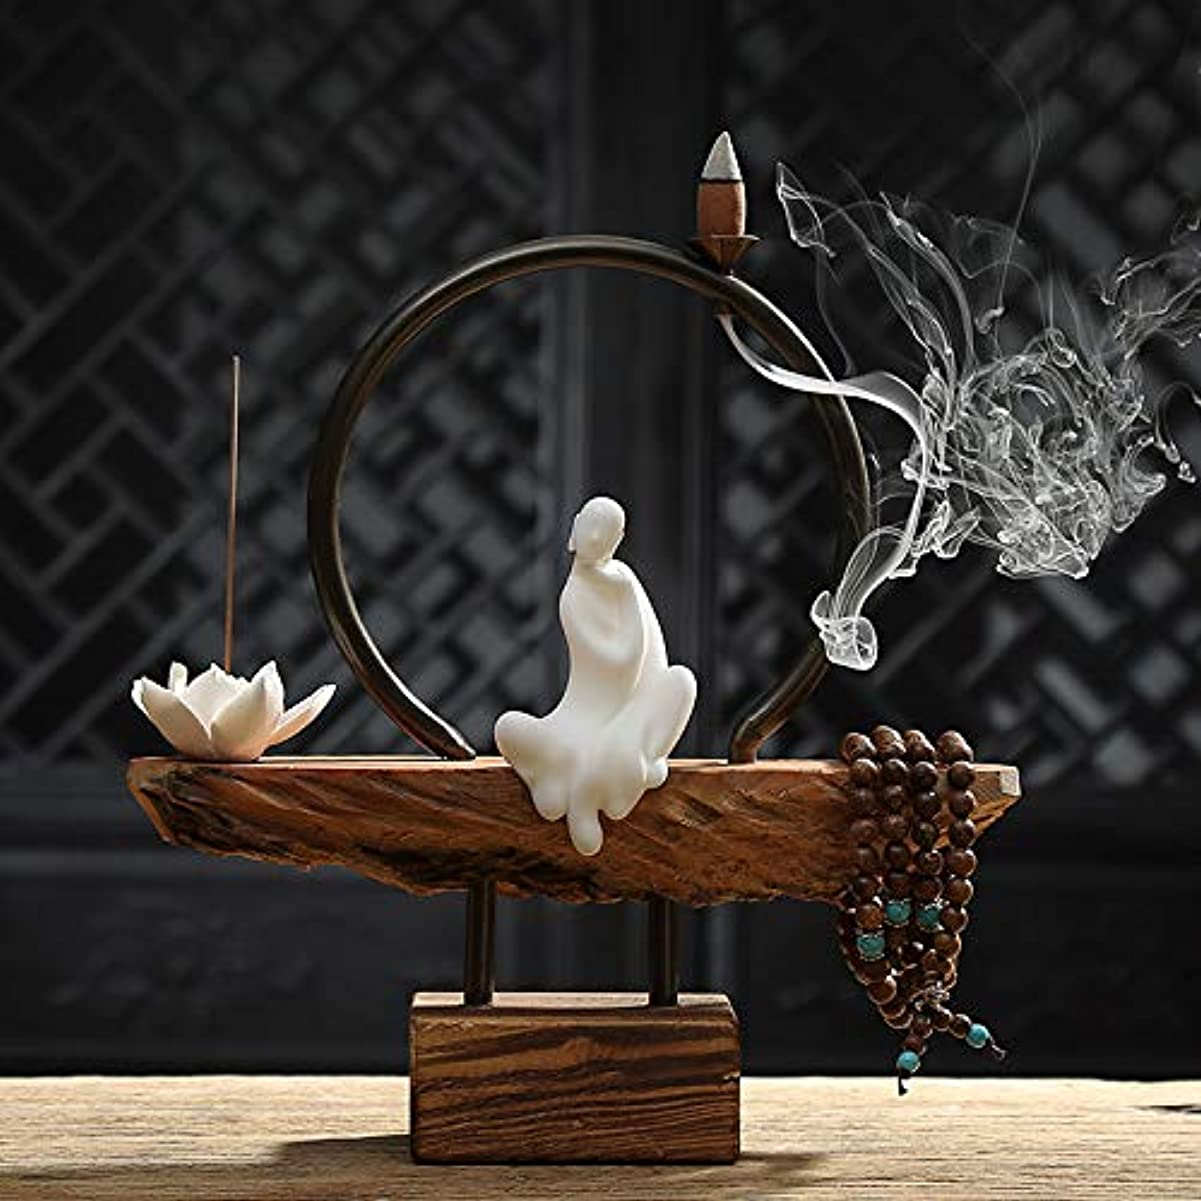 学期バース聞くホーム白檀茶式ガラス香スティック飾り香炉仏ストーブ香炉家の装飾バーナー26 * 26センチ